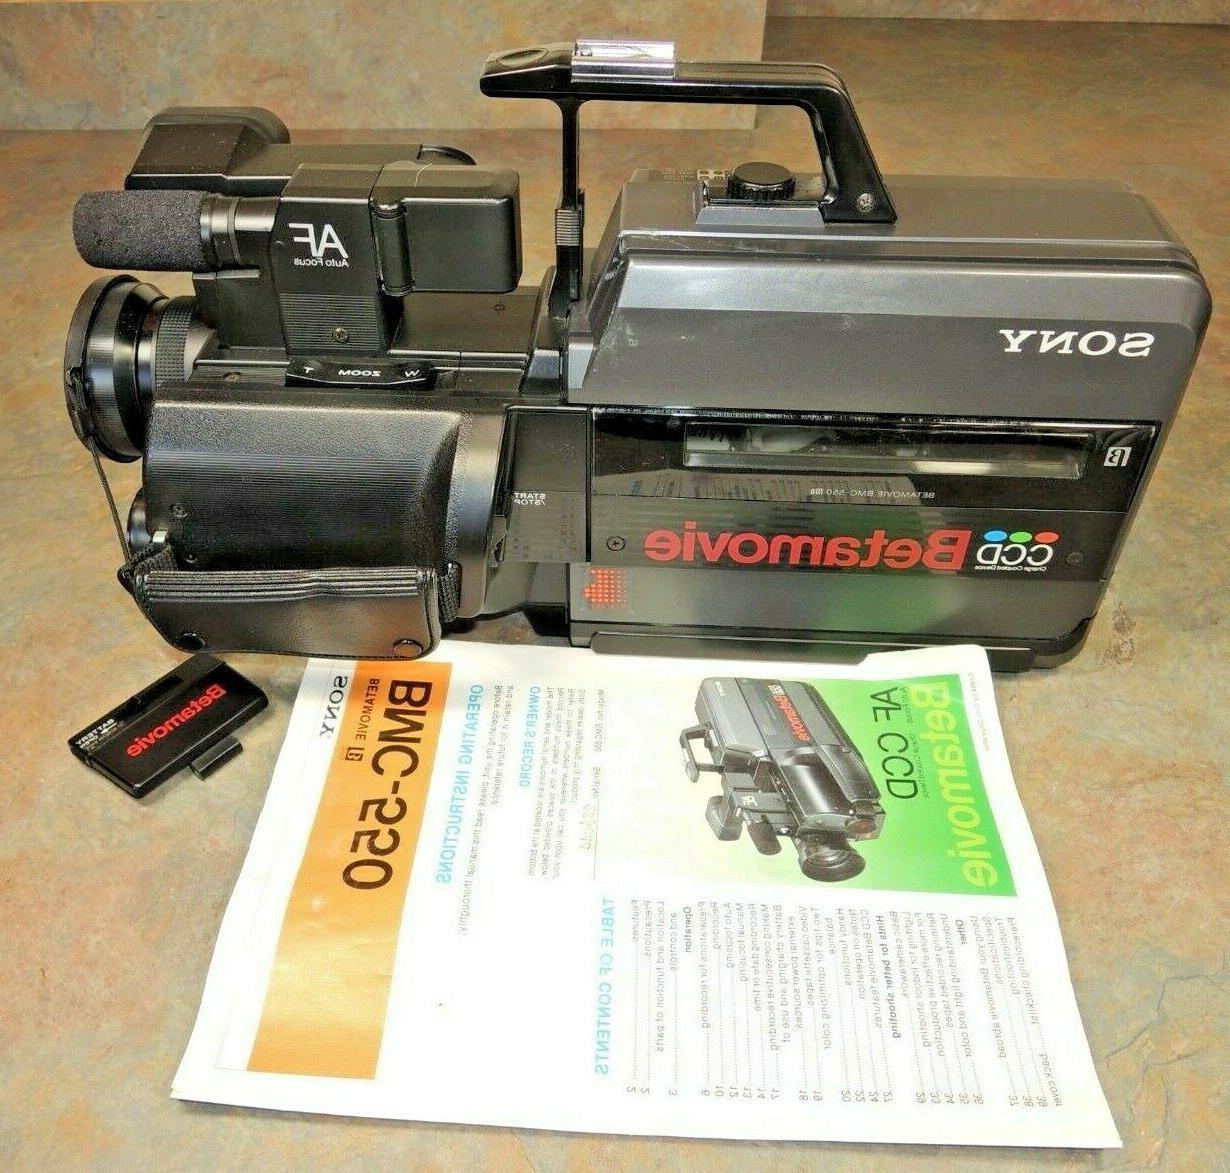 bmc 550 betamovie camcorder video camera vtg